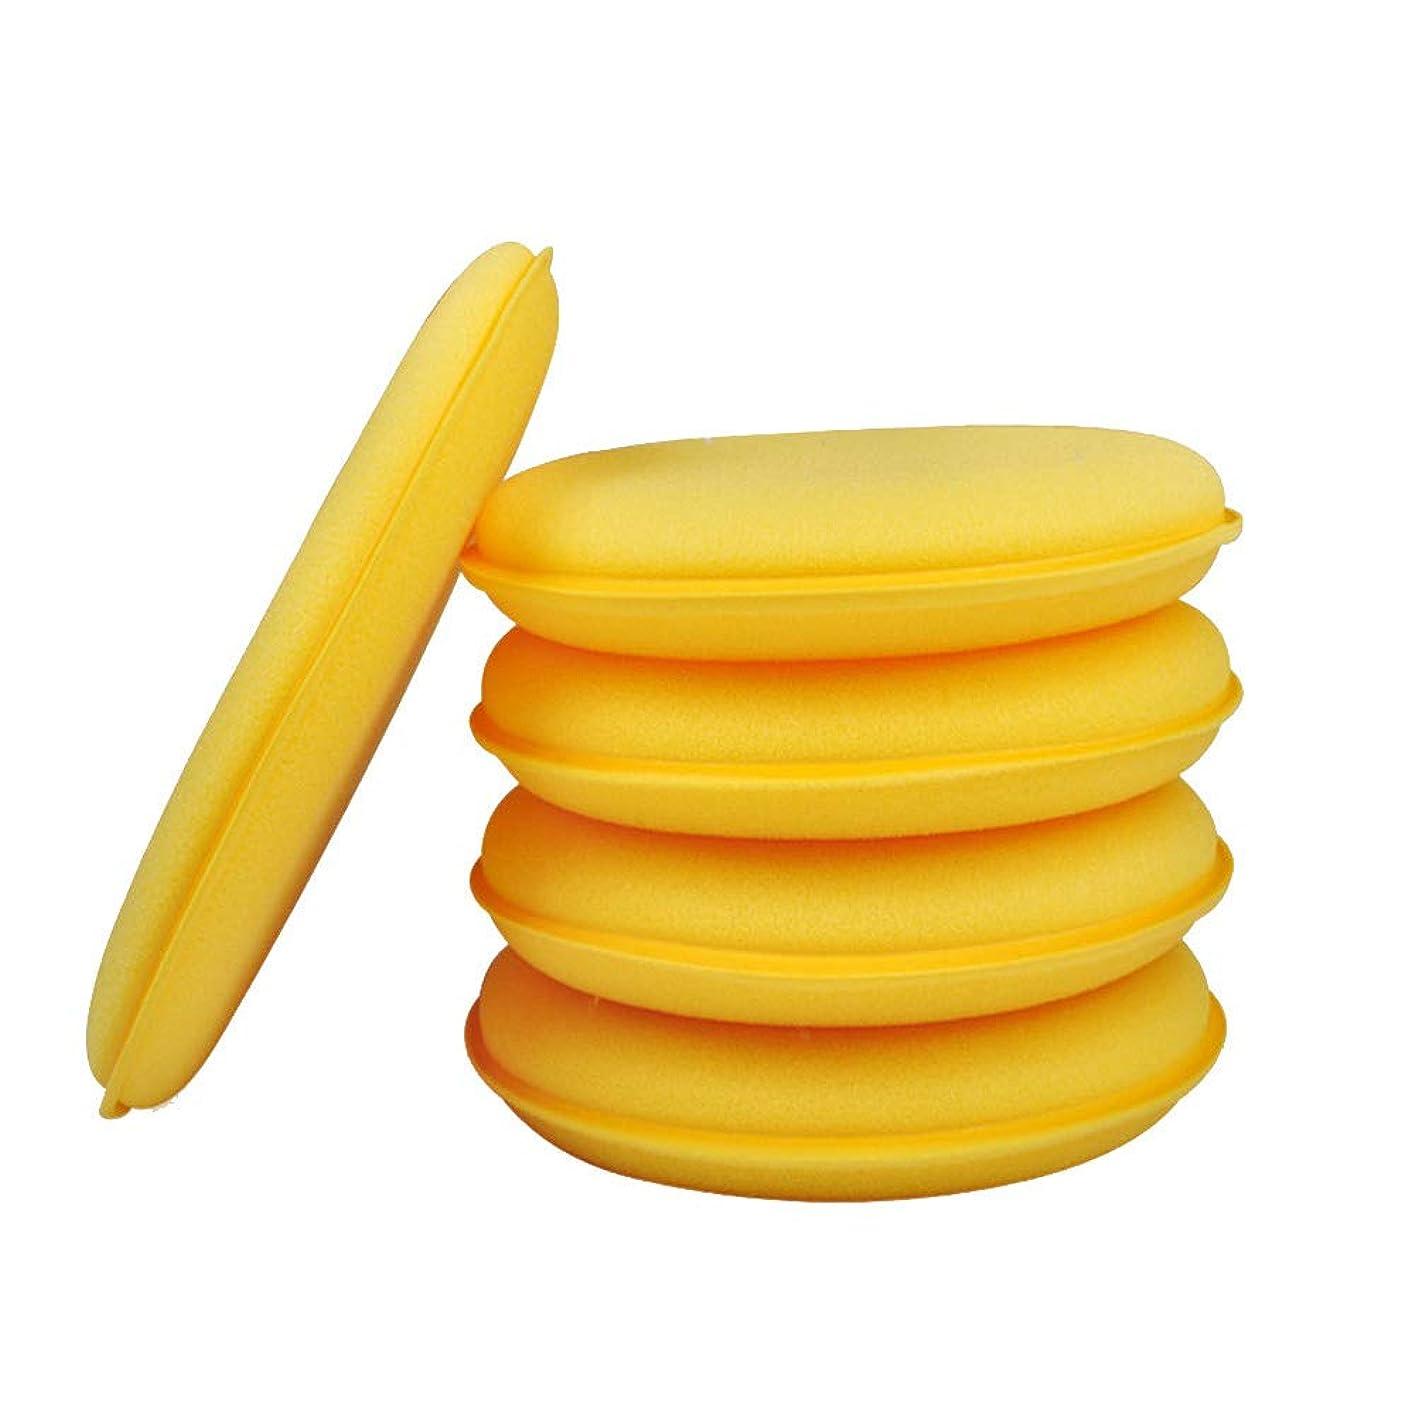 応じる花悲劇Vosarea 12ピース洗車スポンジクリーニングスクラバーカーワックスアプリケーターパッド用自動車自動車クリーナーツール(黄色)